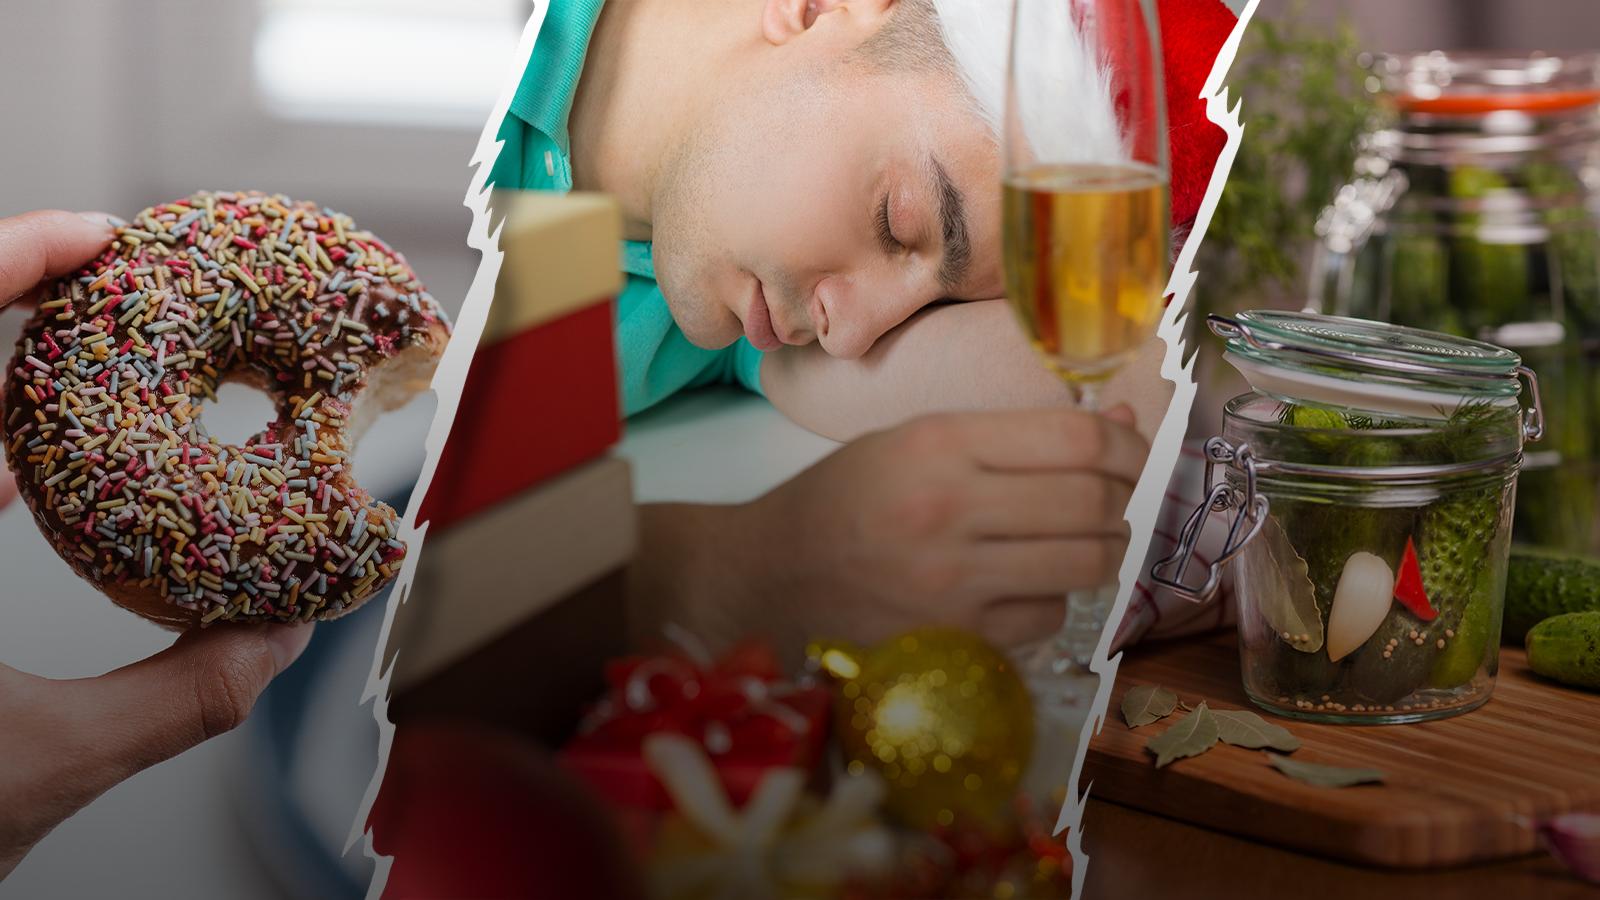 Оливье— спаситель. Что пить и есть, чтобы встретить новогоднее утро без похмелья